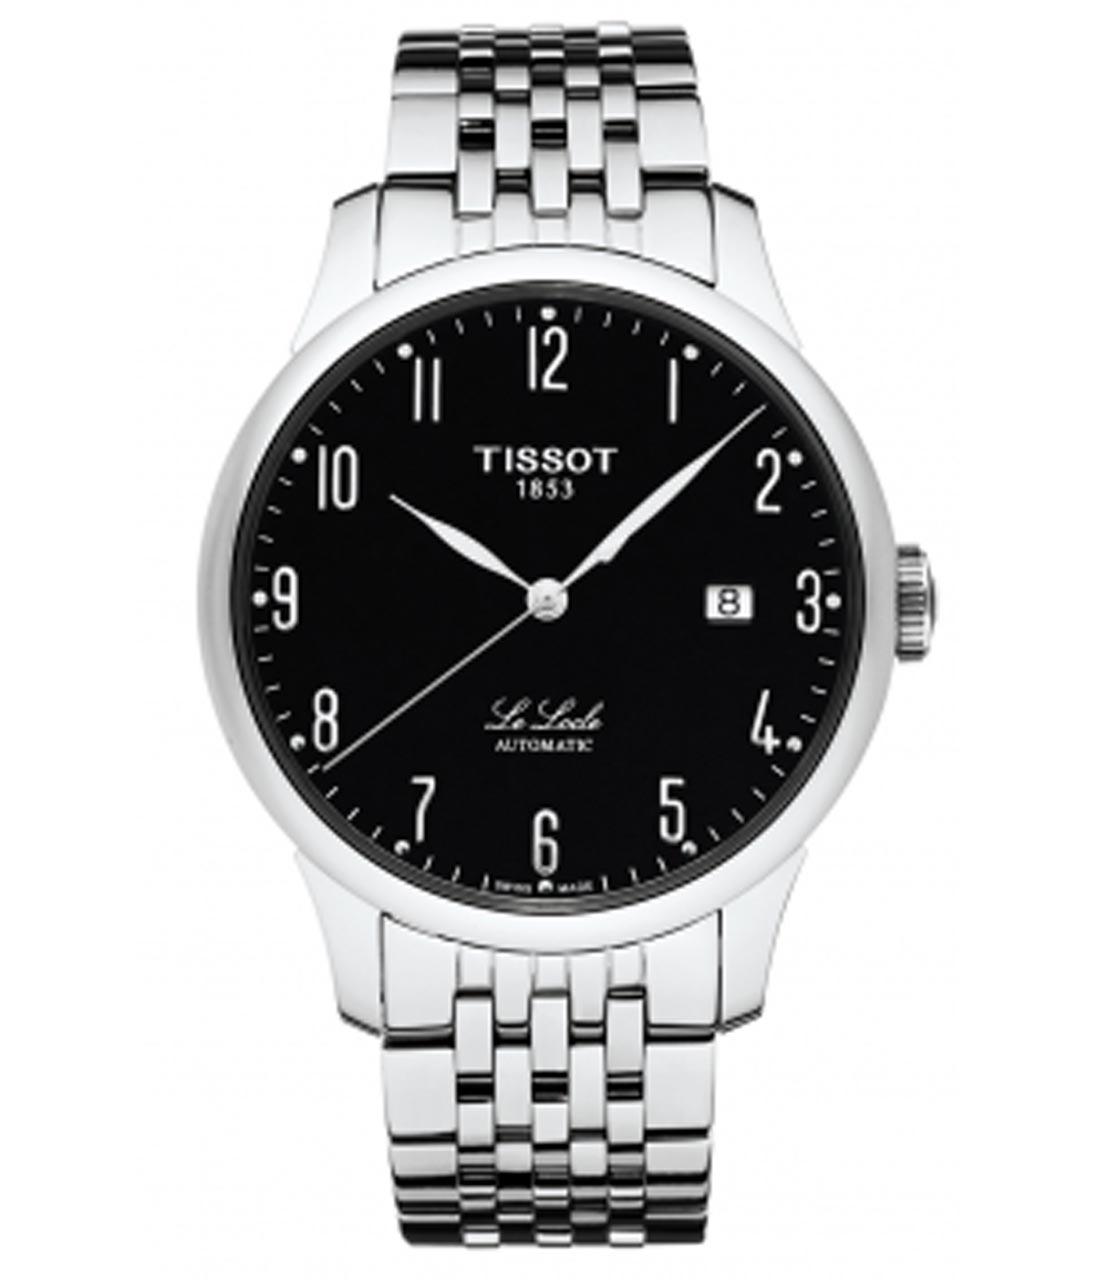 天梭TISSOT-力洛克系列 T41.1.483.52 男士机械表